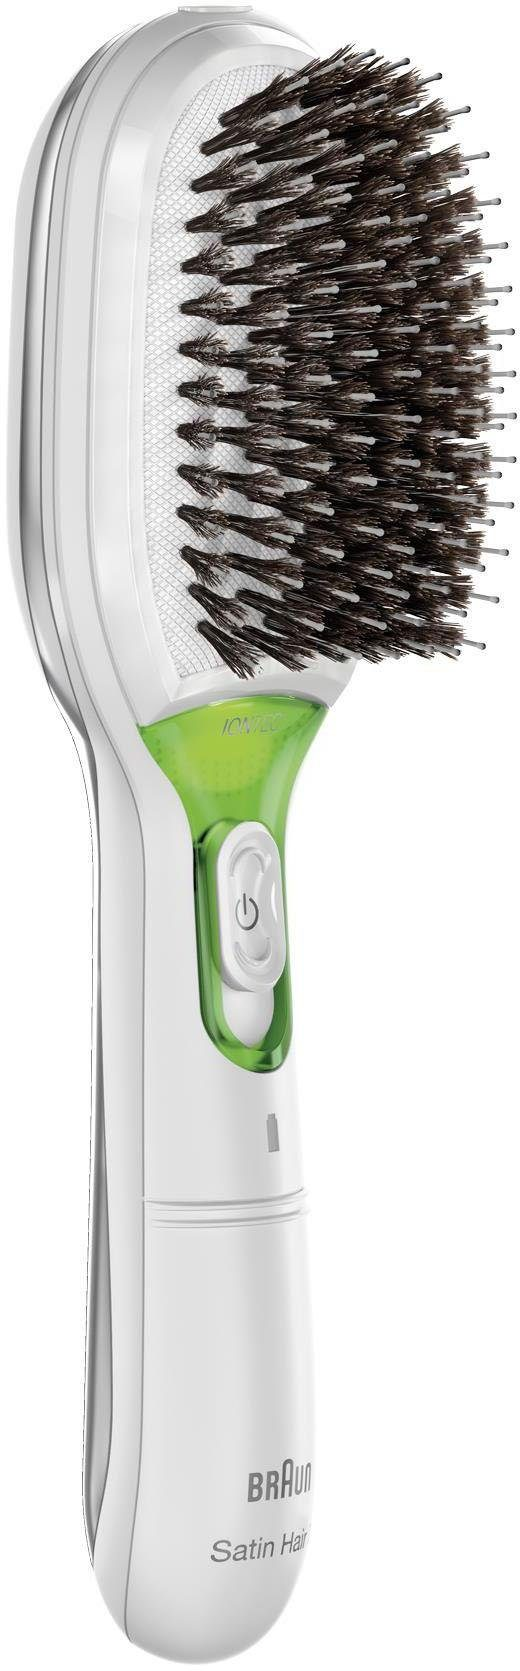 Braun,Haarbürste, Satin Hair 7 IONTEC BR750, natürliche Borsten und Ionentechnologie zur Förderung des Glanzes